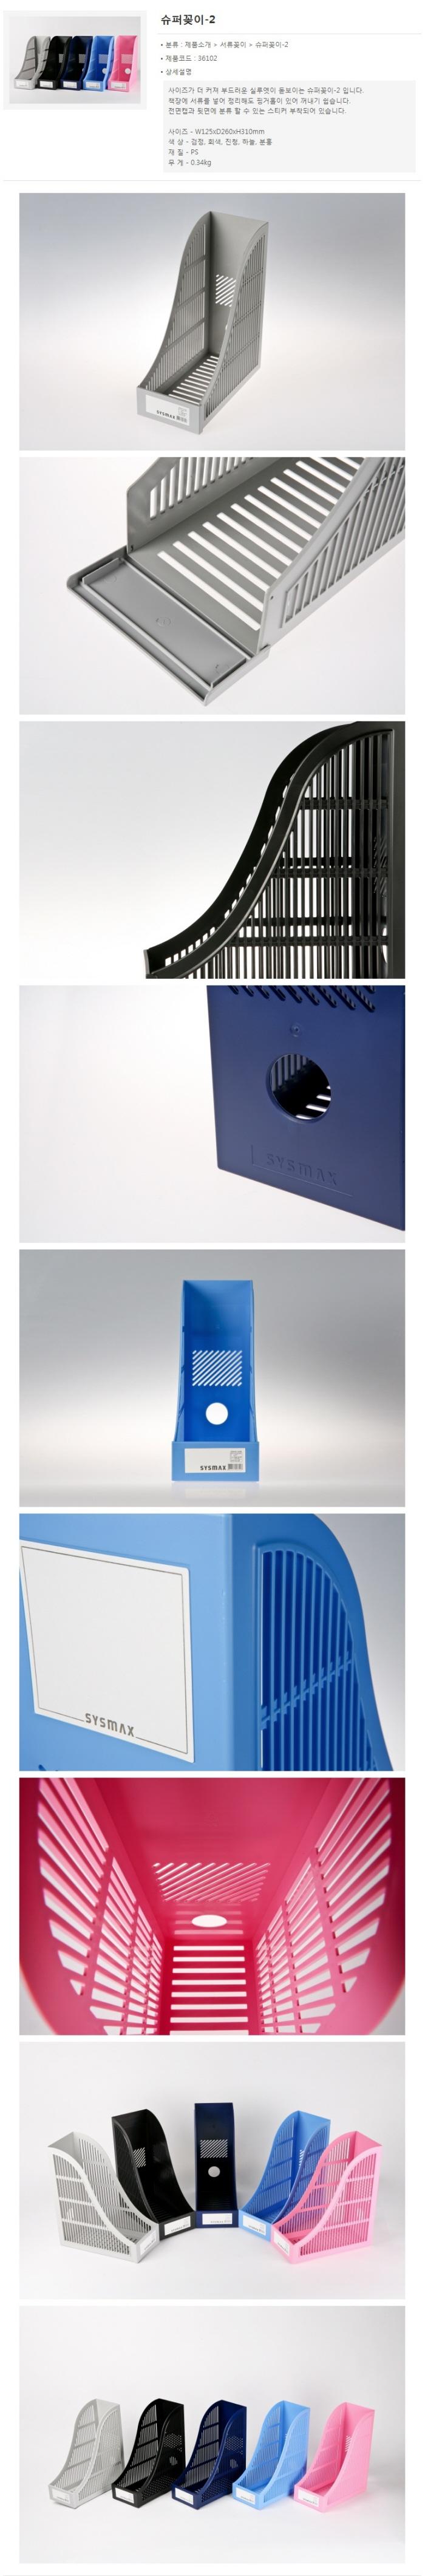 슈퍼꽂이(흑색/36102/시스맥스) - 오피스디포, 3,800원, 데스크소품, 문진/표지판/소품